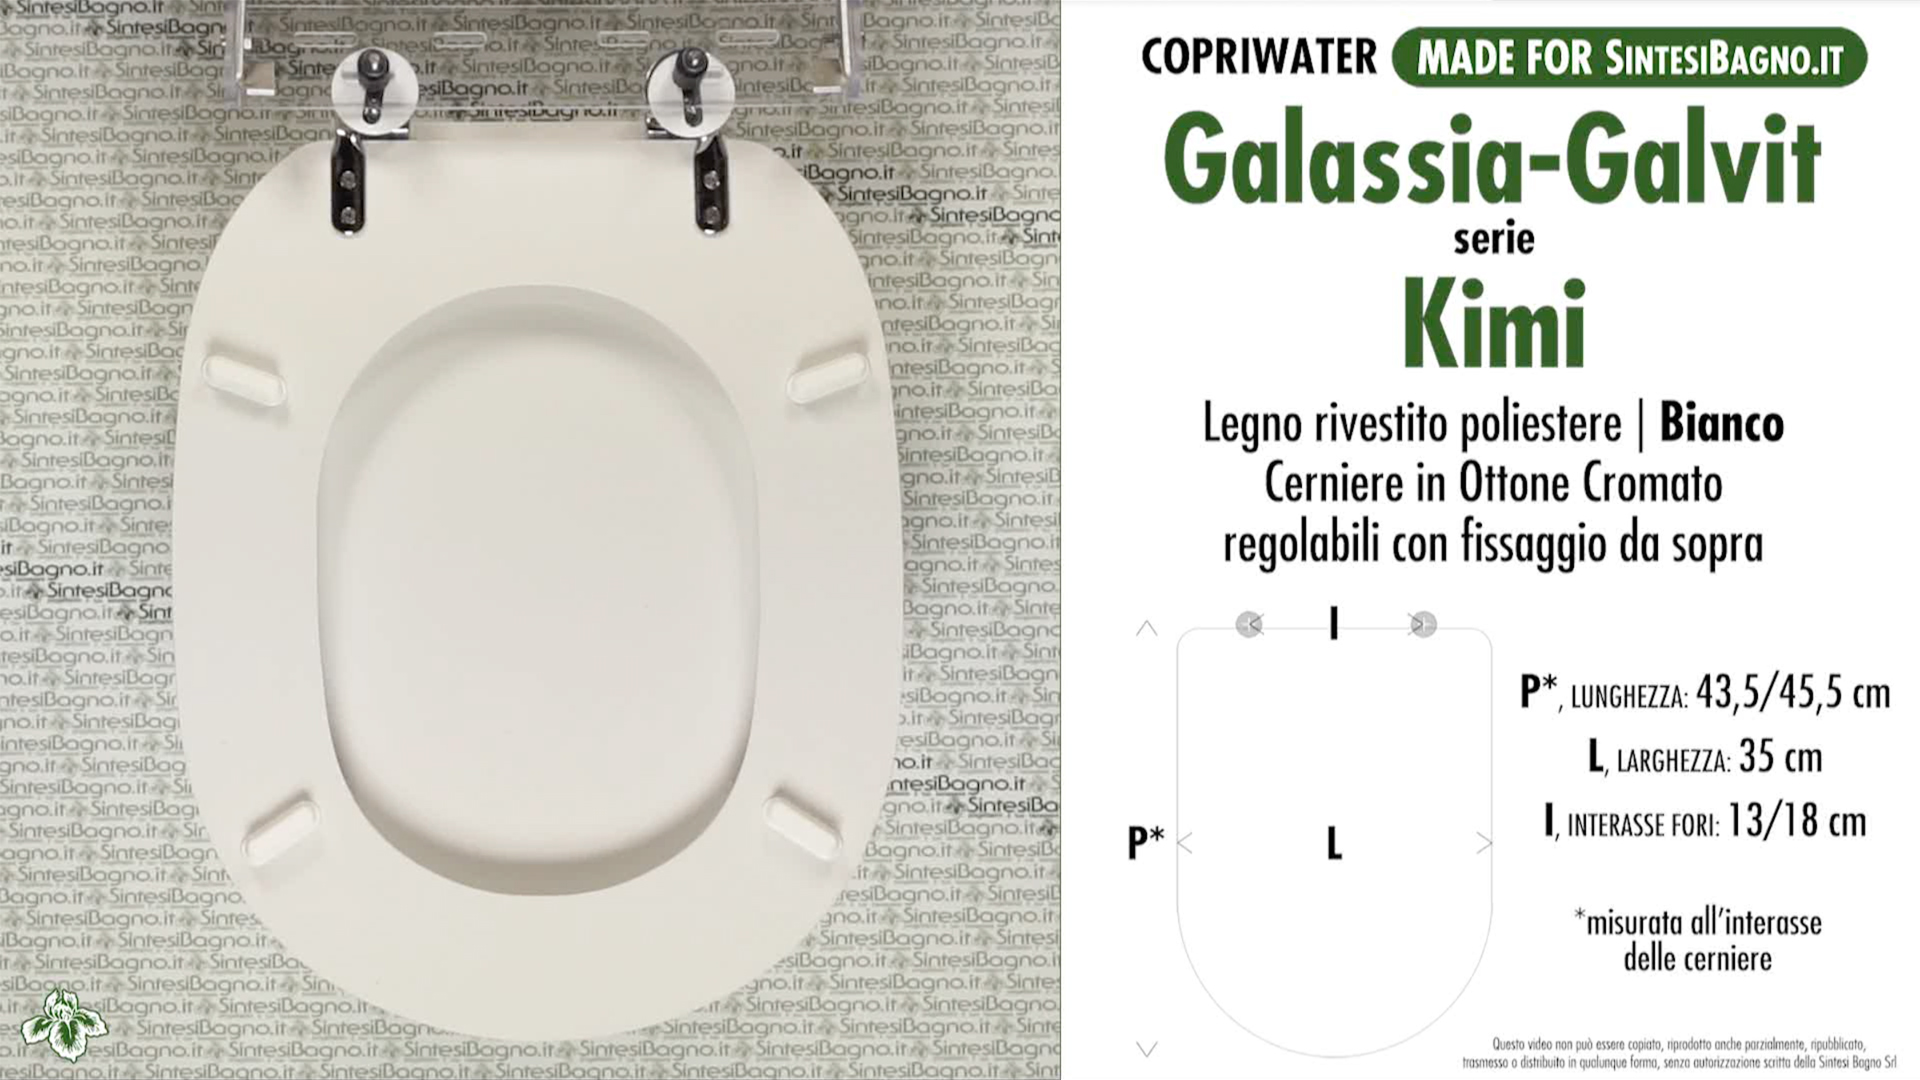 SCHEDA TECNICA MISURE copriwater GALASSIA-GALVIT KIMI